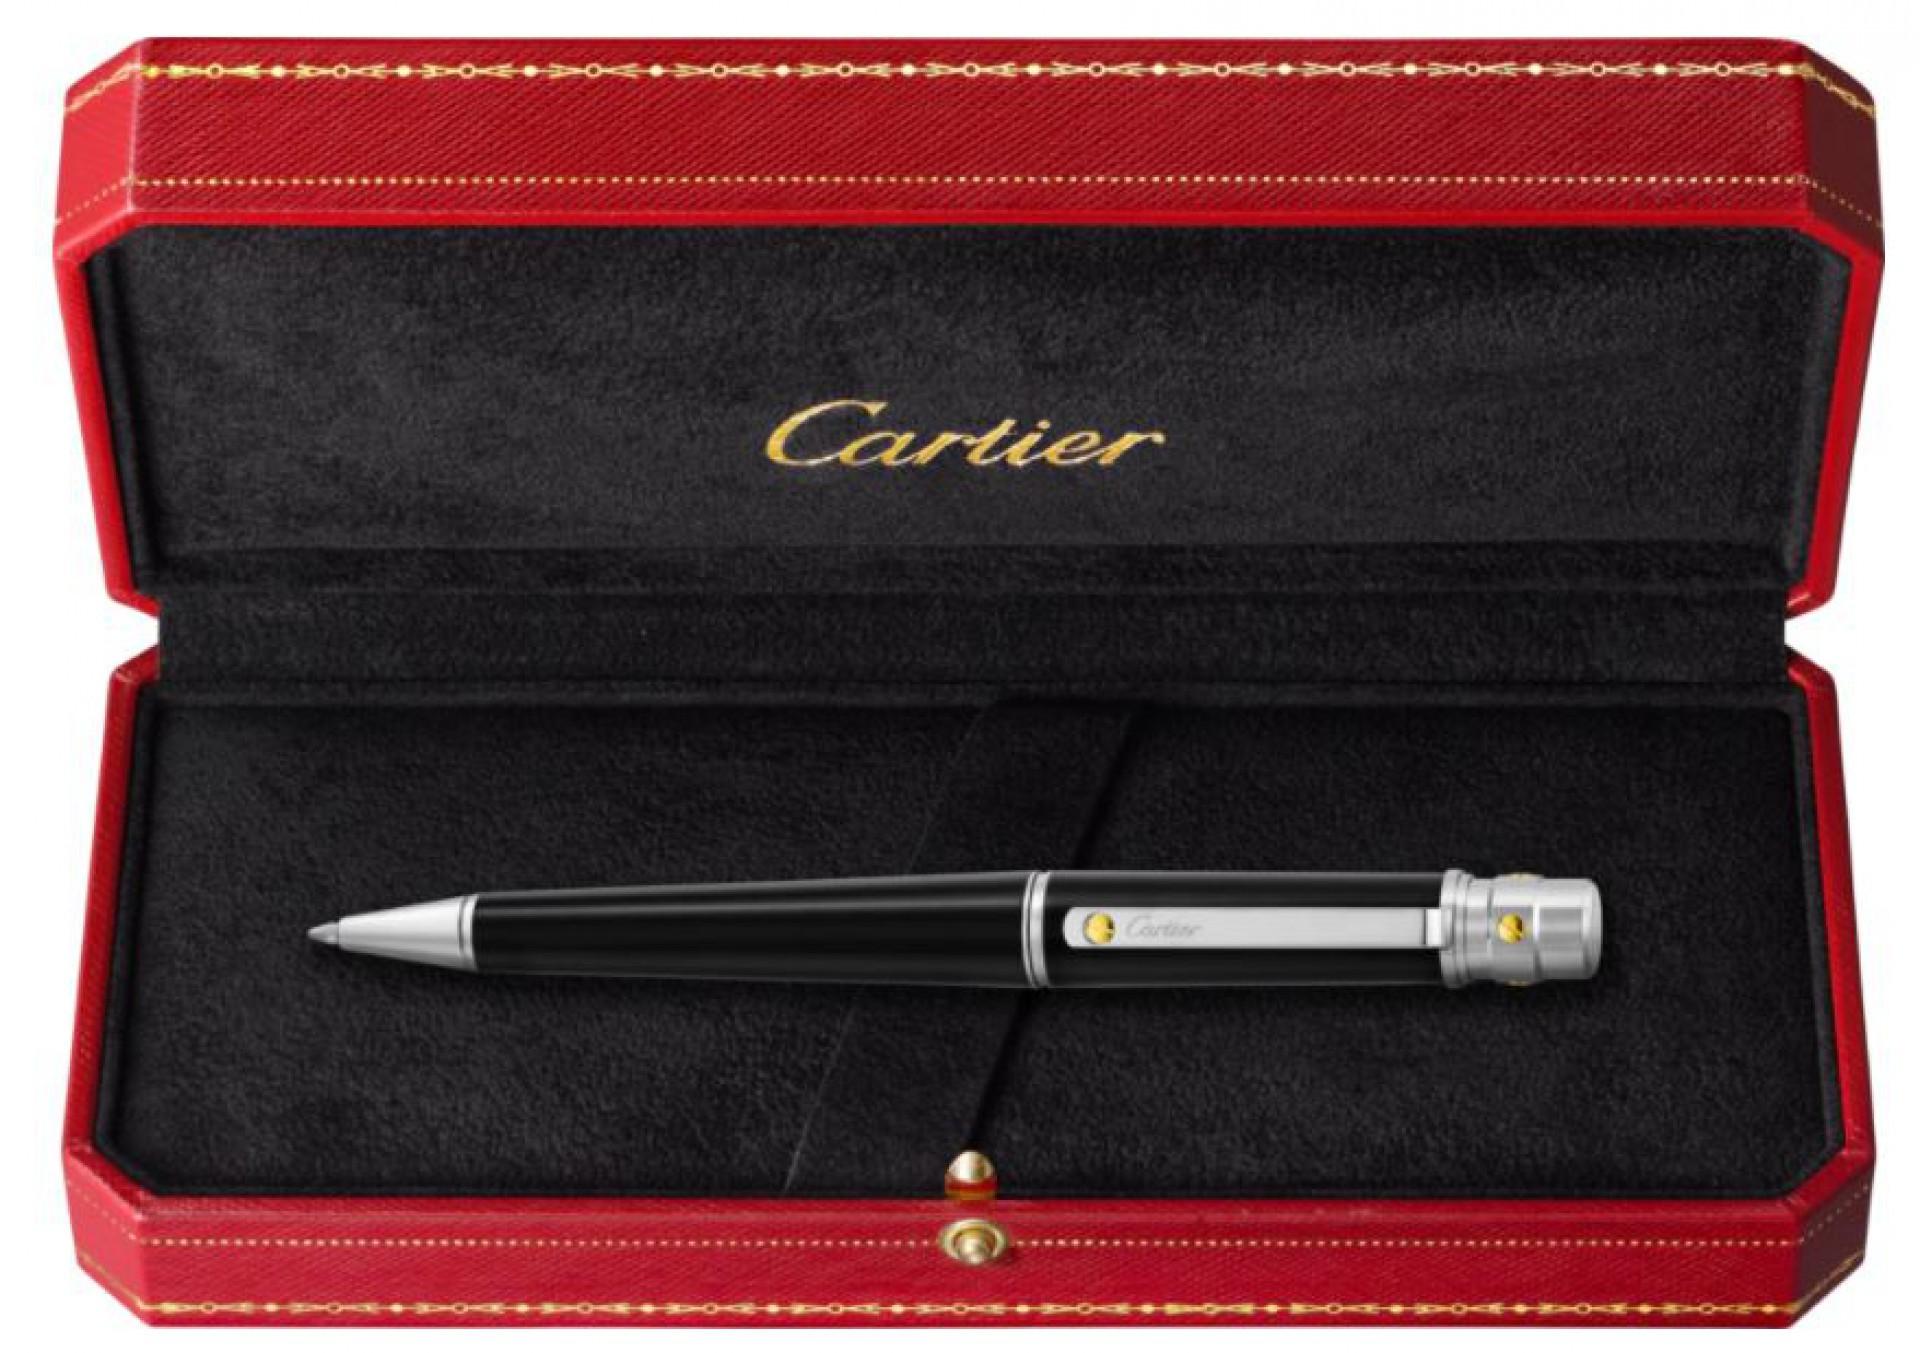 Caneta Santos de Cartier, Ballpoint pen - R$ 2.740